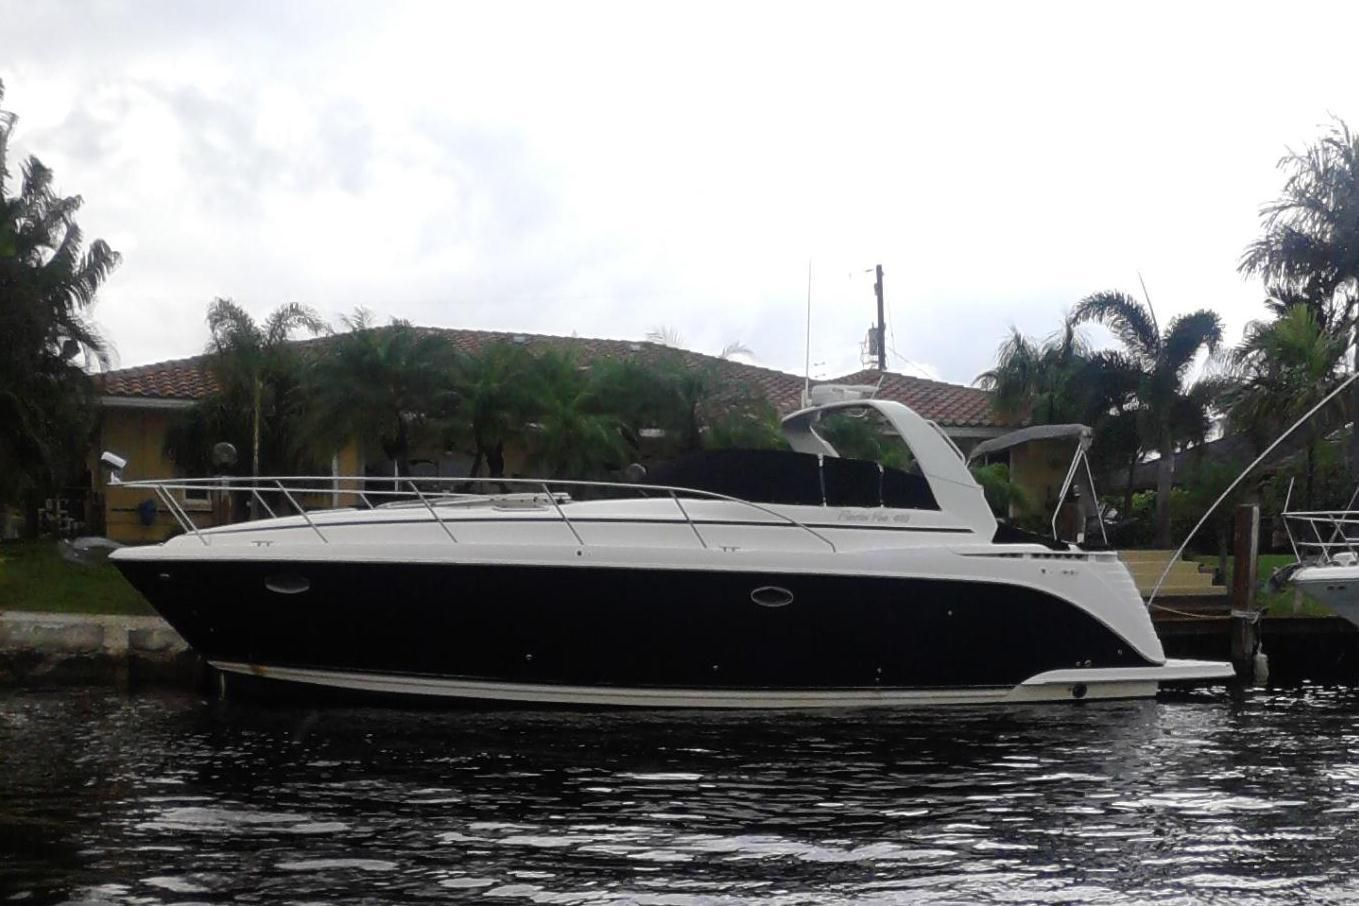 2004 rinker 41 fiesta vee moteur bateau vendre. Black Bedroom Furniture Sets. Home Design Ideas